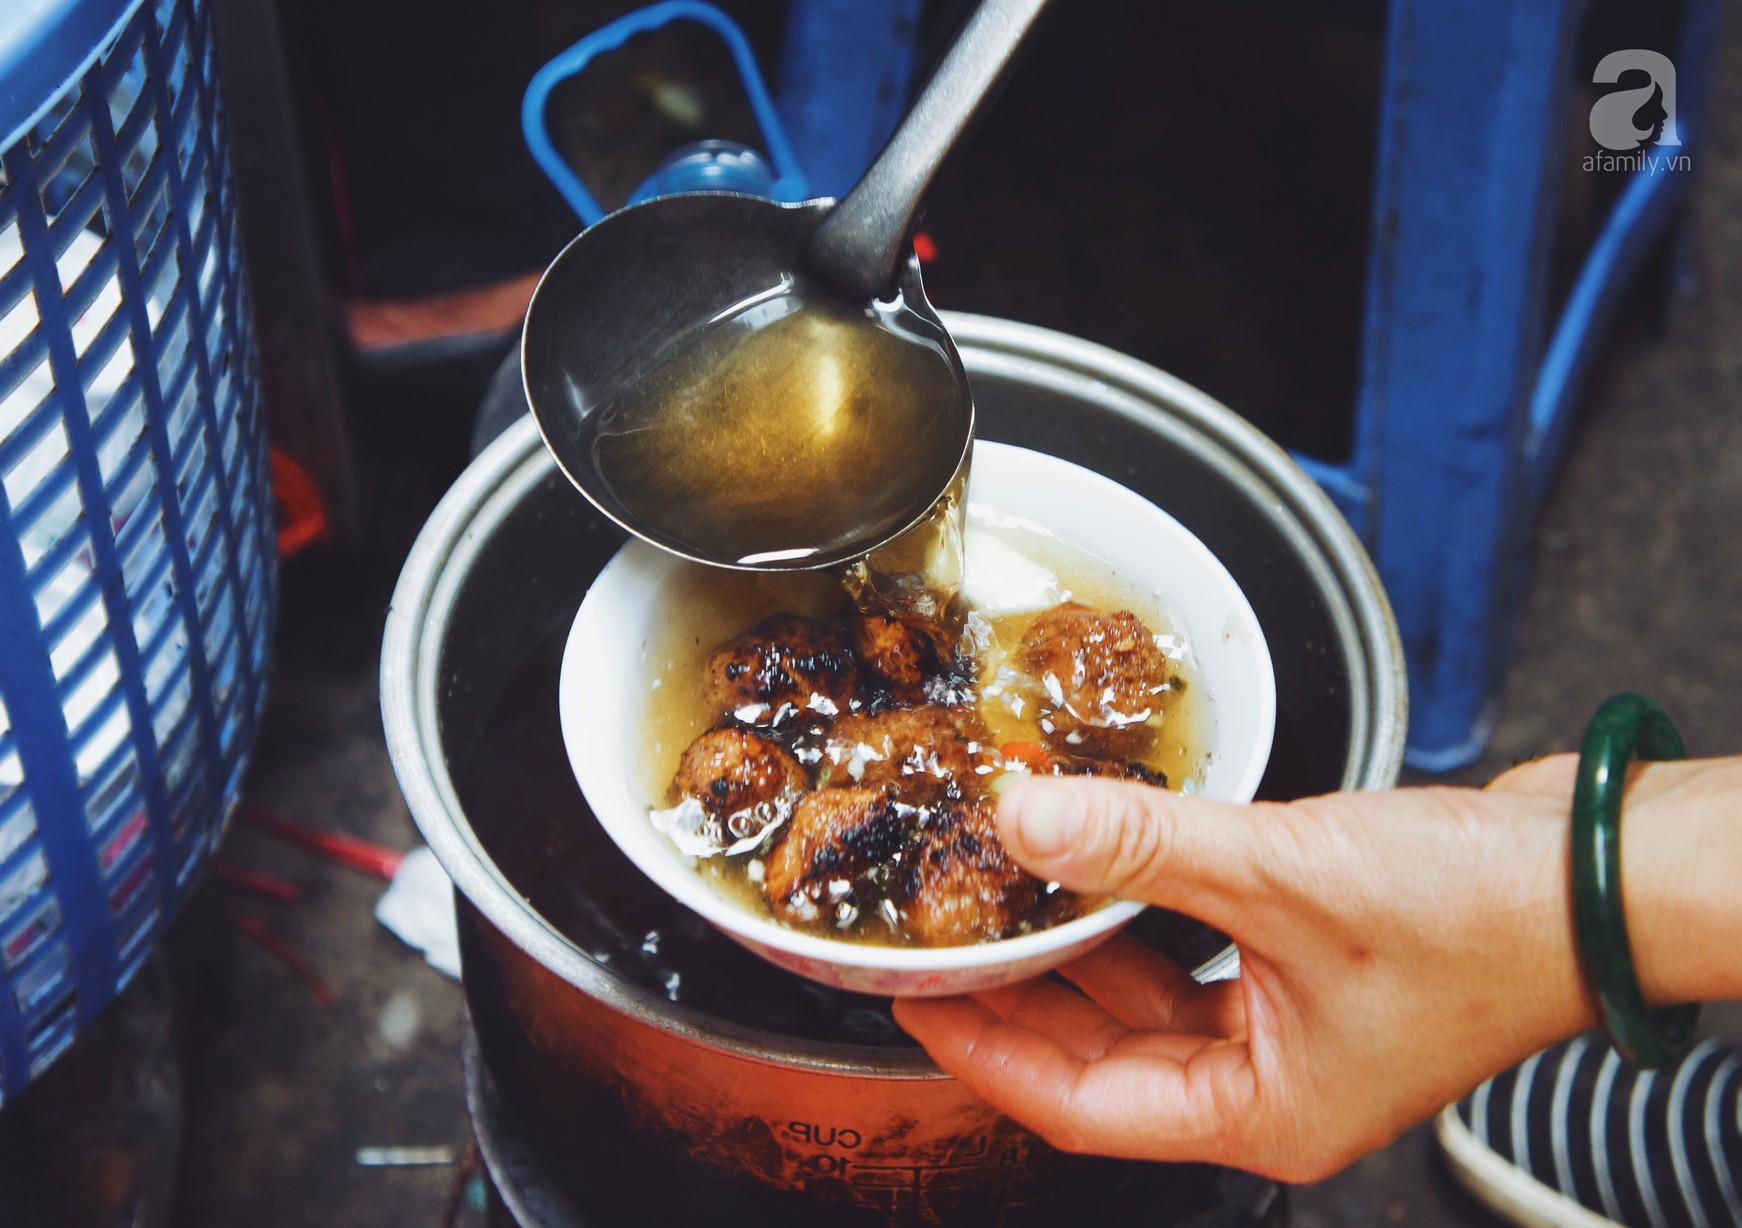 Quán bún chả nằm sâu trong ngõ nhỏ, trưa nào thực khách cũng phải xếp hàng đợi chờ mới đến lượt ăn ở phố cổ-9